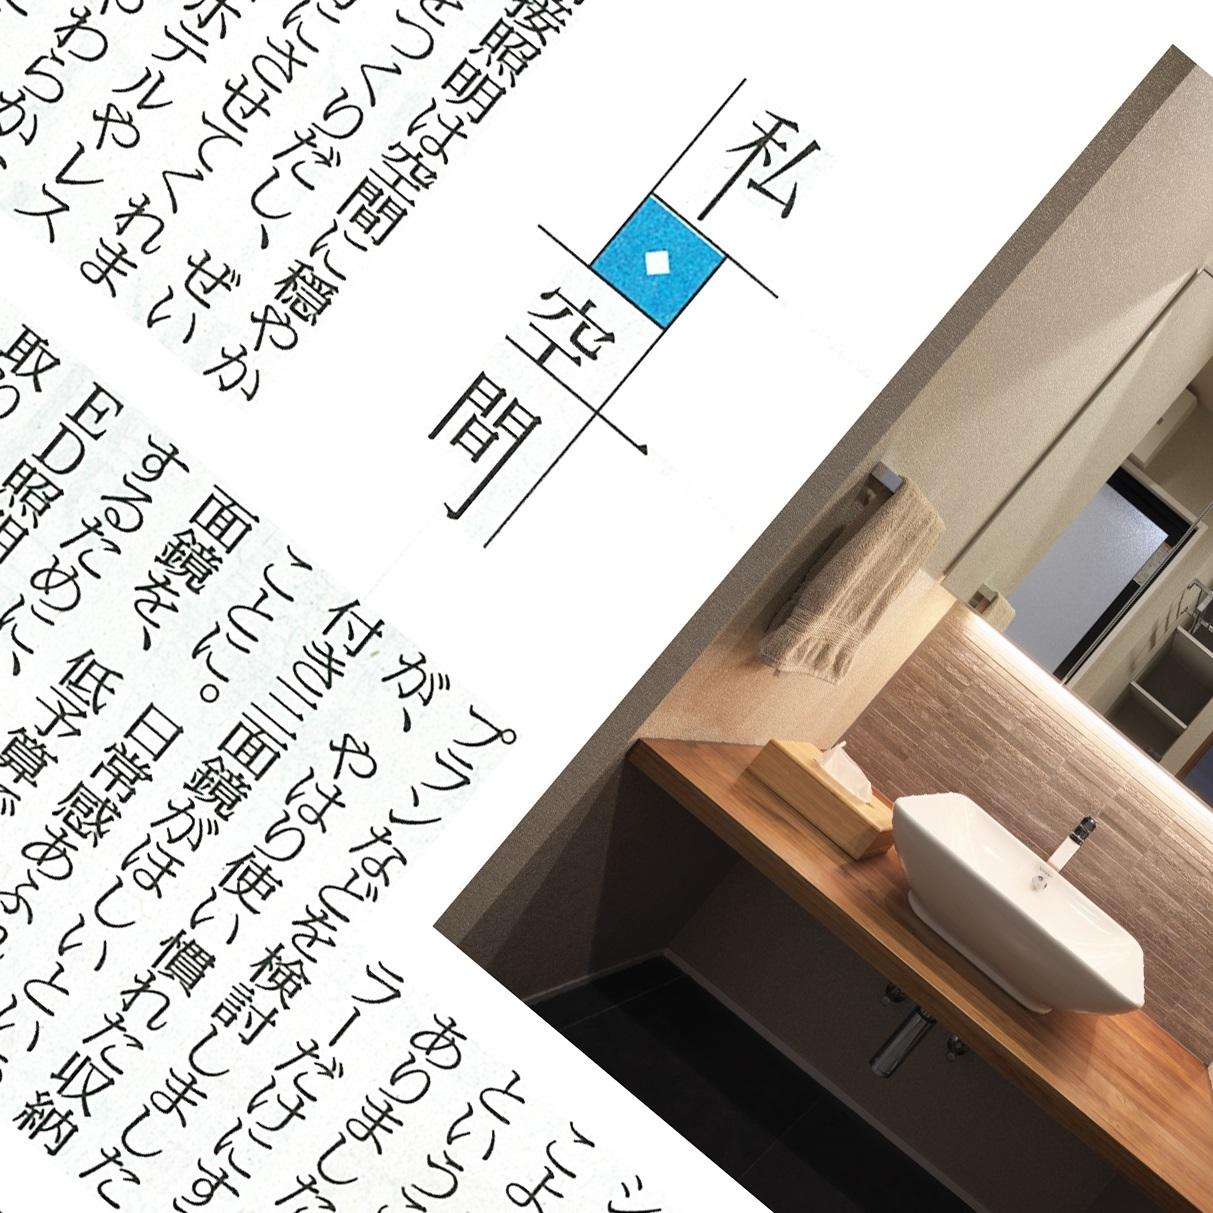 読売新聞夕刊(2019年4月17日号)「私・空間」コラム